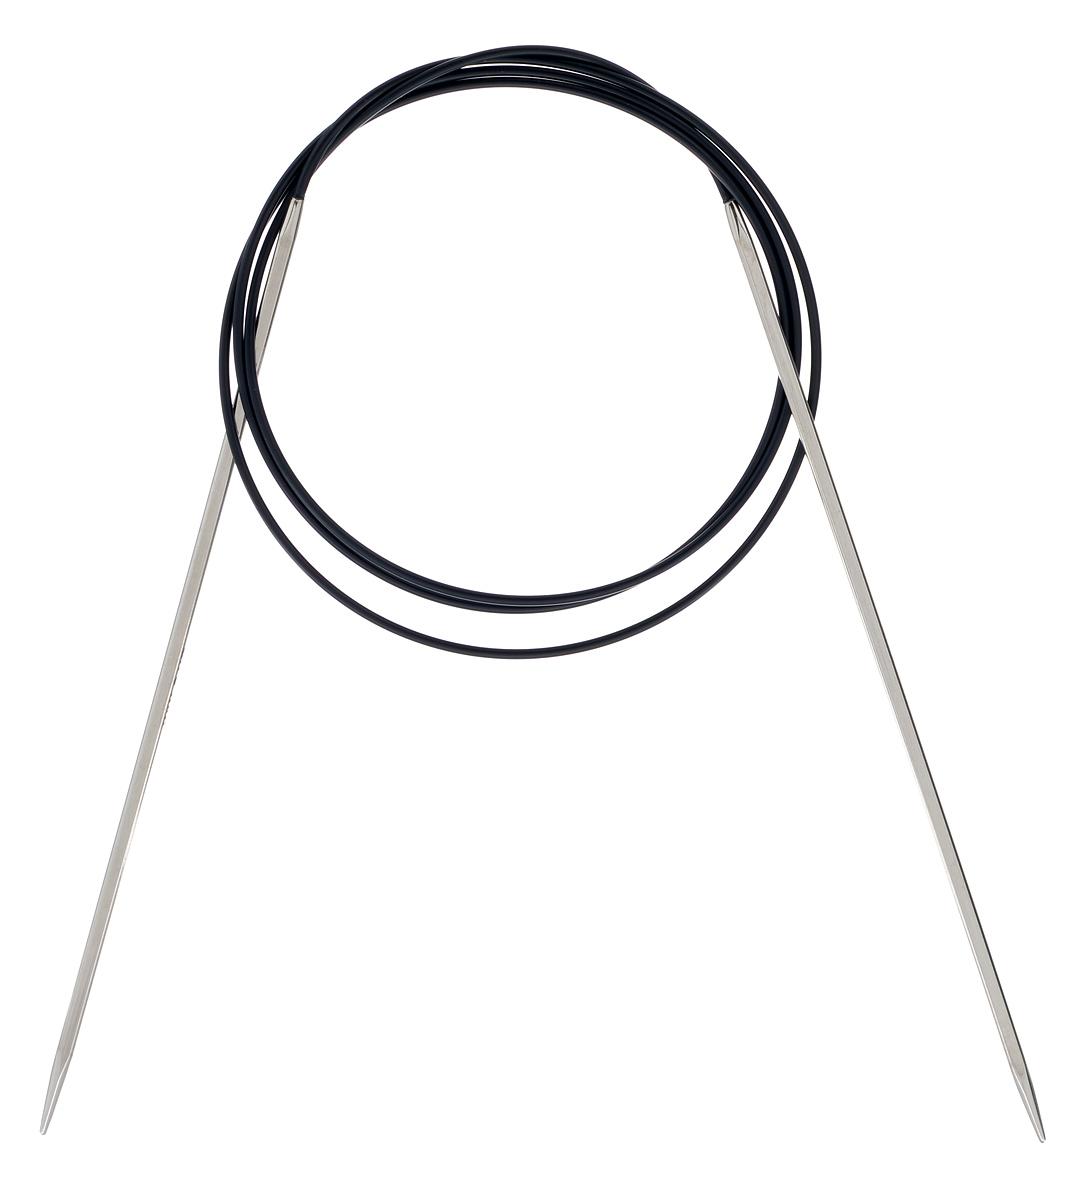 Спицы круговые KnitPro Nova Cubics, диаметр 2,75 мм, длина 100 см12212Круговые спицы для вязания KnitPro Nova Cubics изготовлены из никеля с инновационным латунным покрытием, наносимым гальваническим путем. Спицы квадратные, с закругленными кончиками. Скреплены гибким пластиковым шнуром. Они прочные, легкие, удобны в использовании. Гладкая как шелк поверхность спиц позволит вам часами наслаждаться вязанием. Круговые спицы предназначены для выполнения деталей и изделий, не имеющих швов. Короткими круговыми спицами вяжут бейки горловины, воротники-гольф, длинными спицами можно вязать по кругу целые модели. Вы сможете вязать для себя, делать подарки друзьям. Рукоделие всегда считалось изысканным, благородным делом. Работа, сделанная своими руками, долго будет радовать вас и ваших близких.